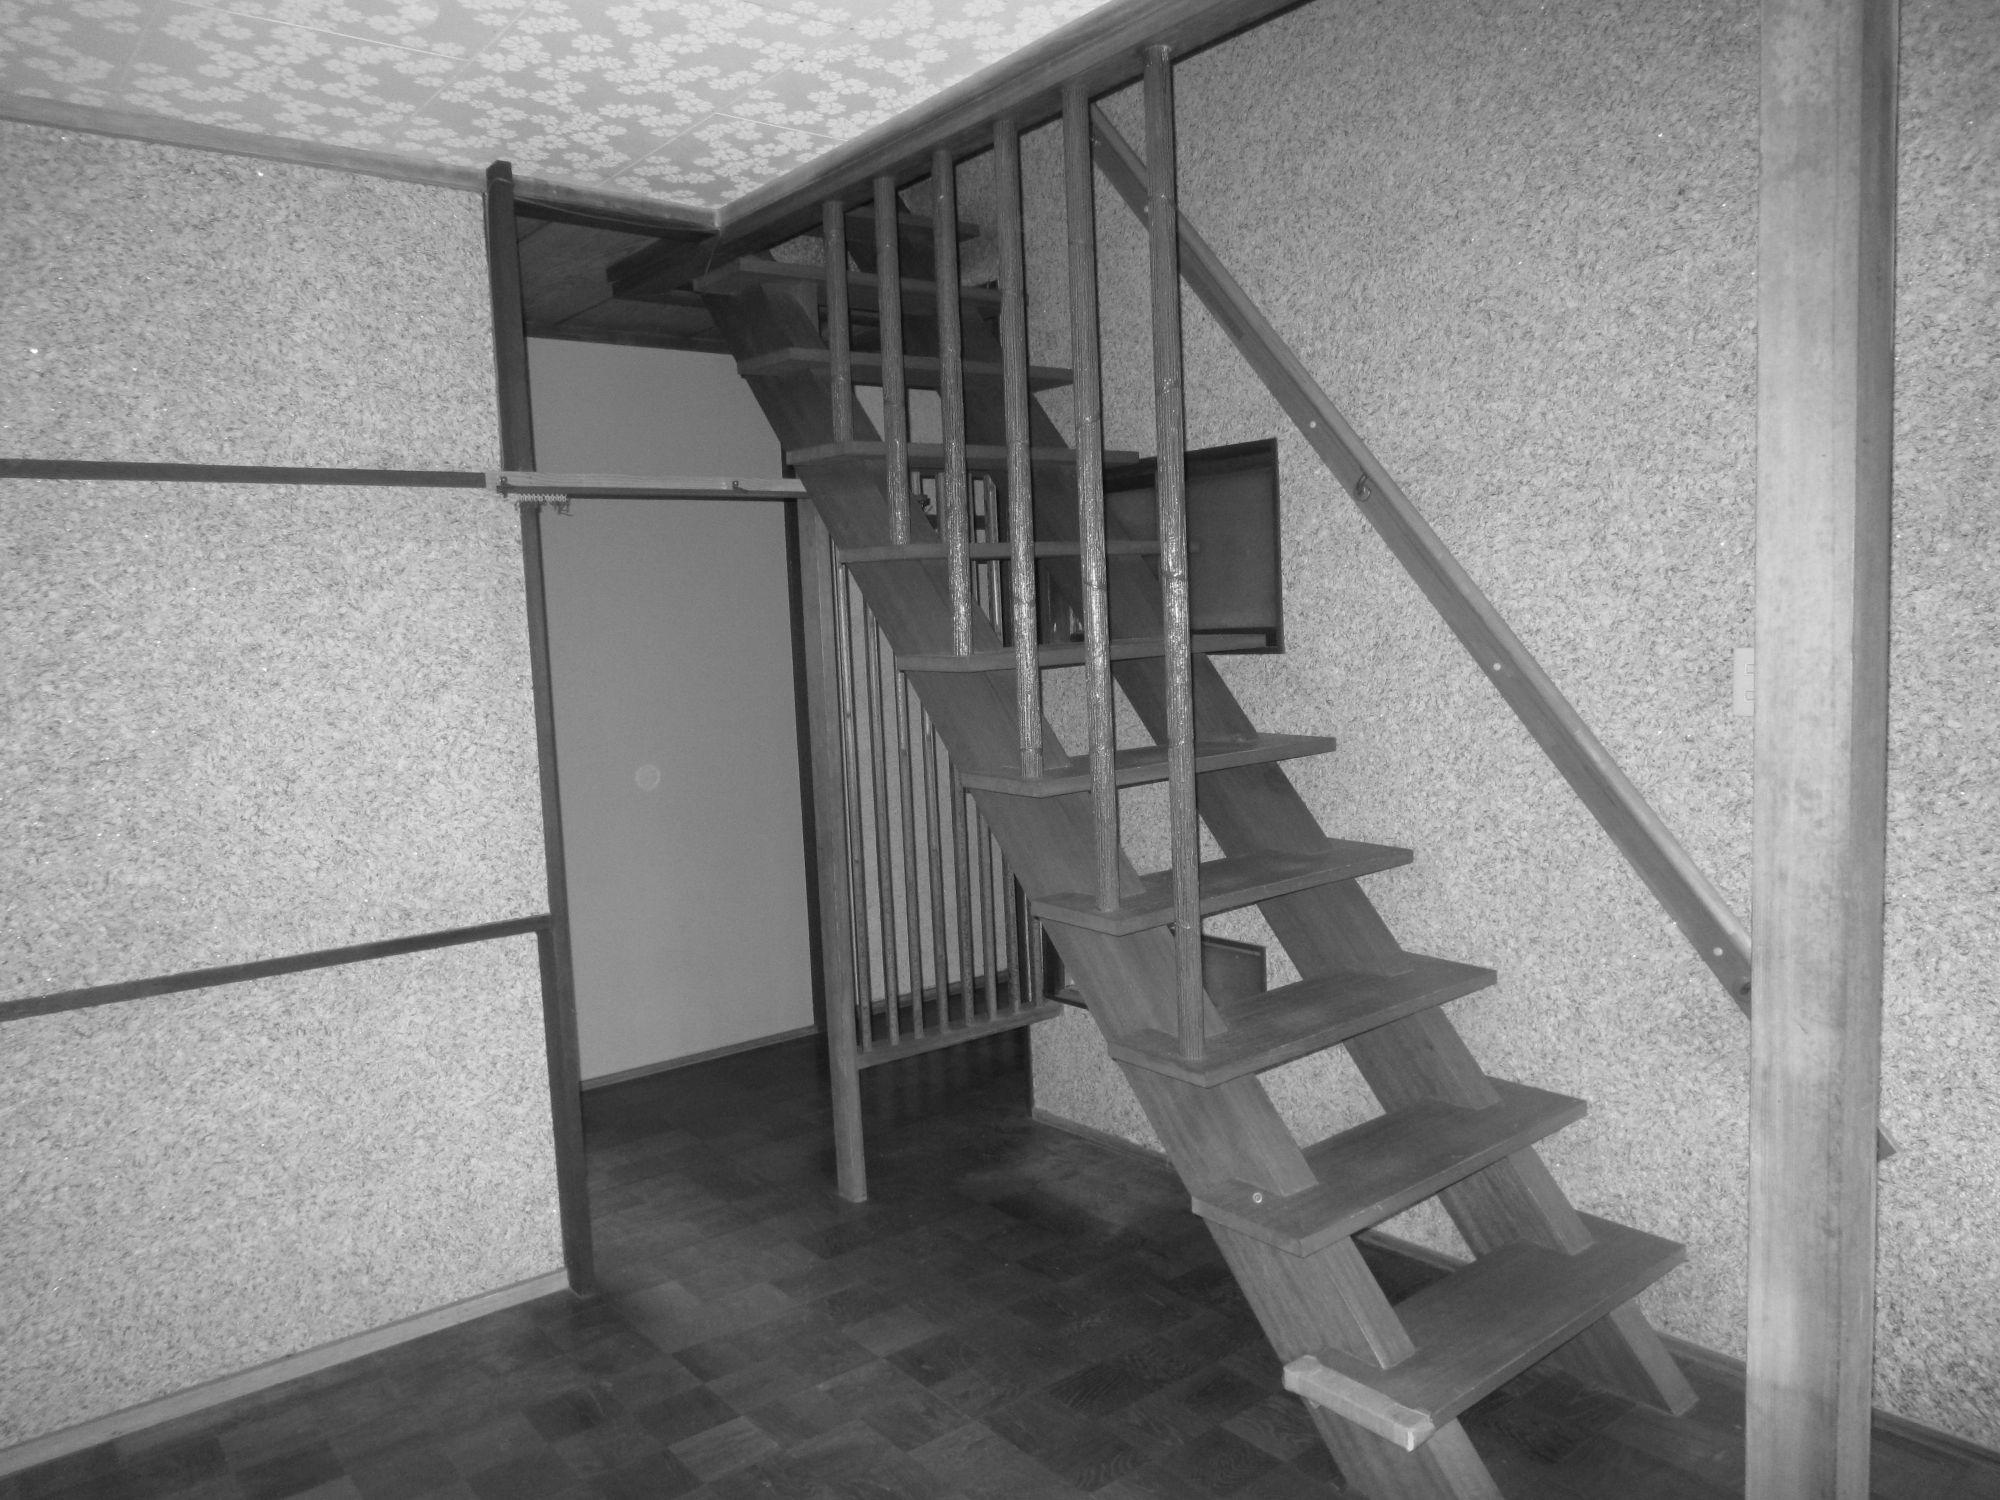 1階の階段周りのスペースは、使い勝手の悪いレイアウトでした。